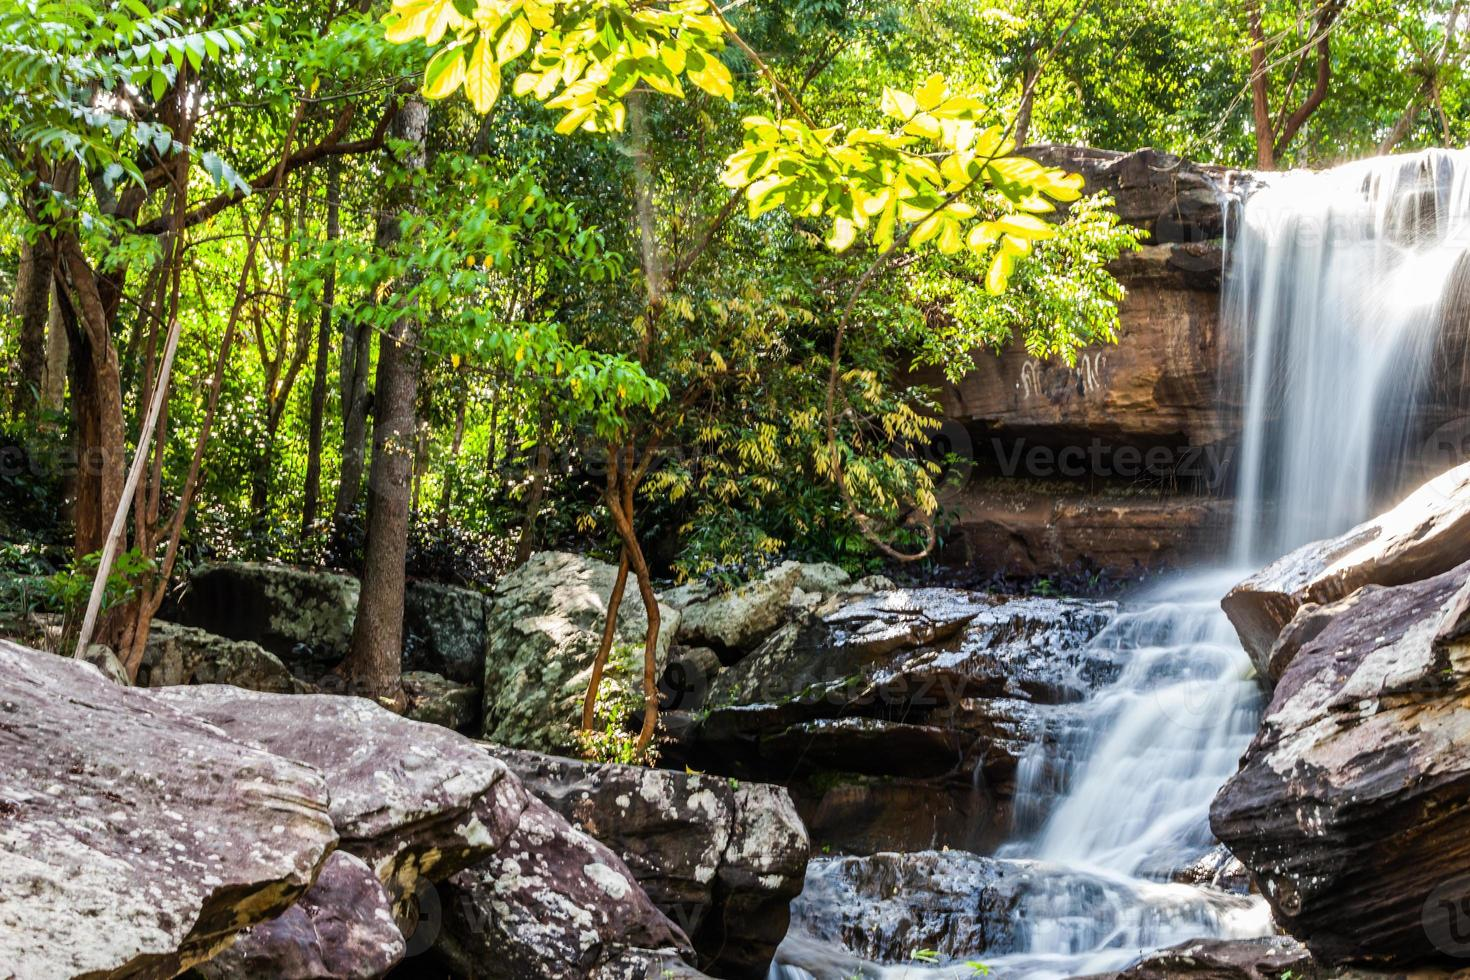 cachoeira tropical na floresta tropical foto